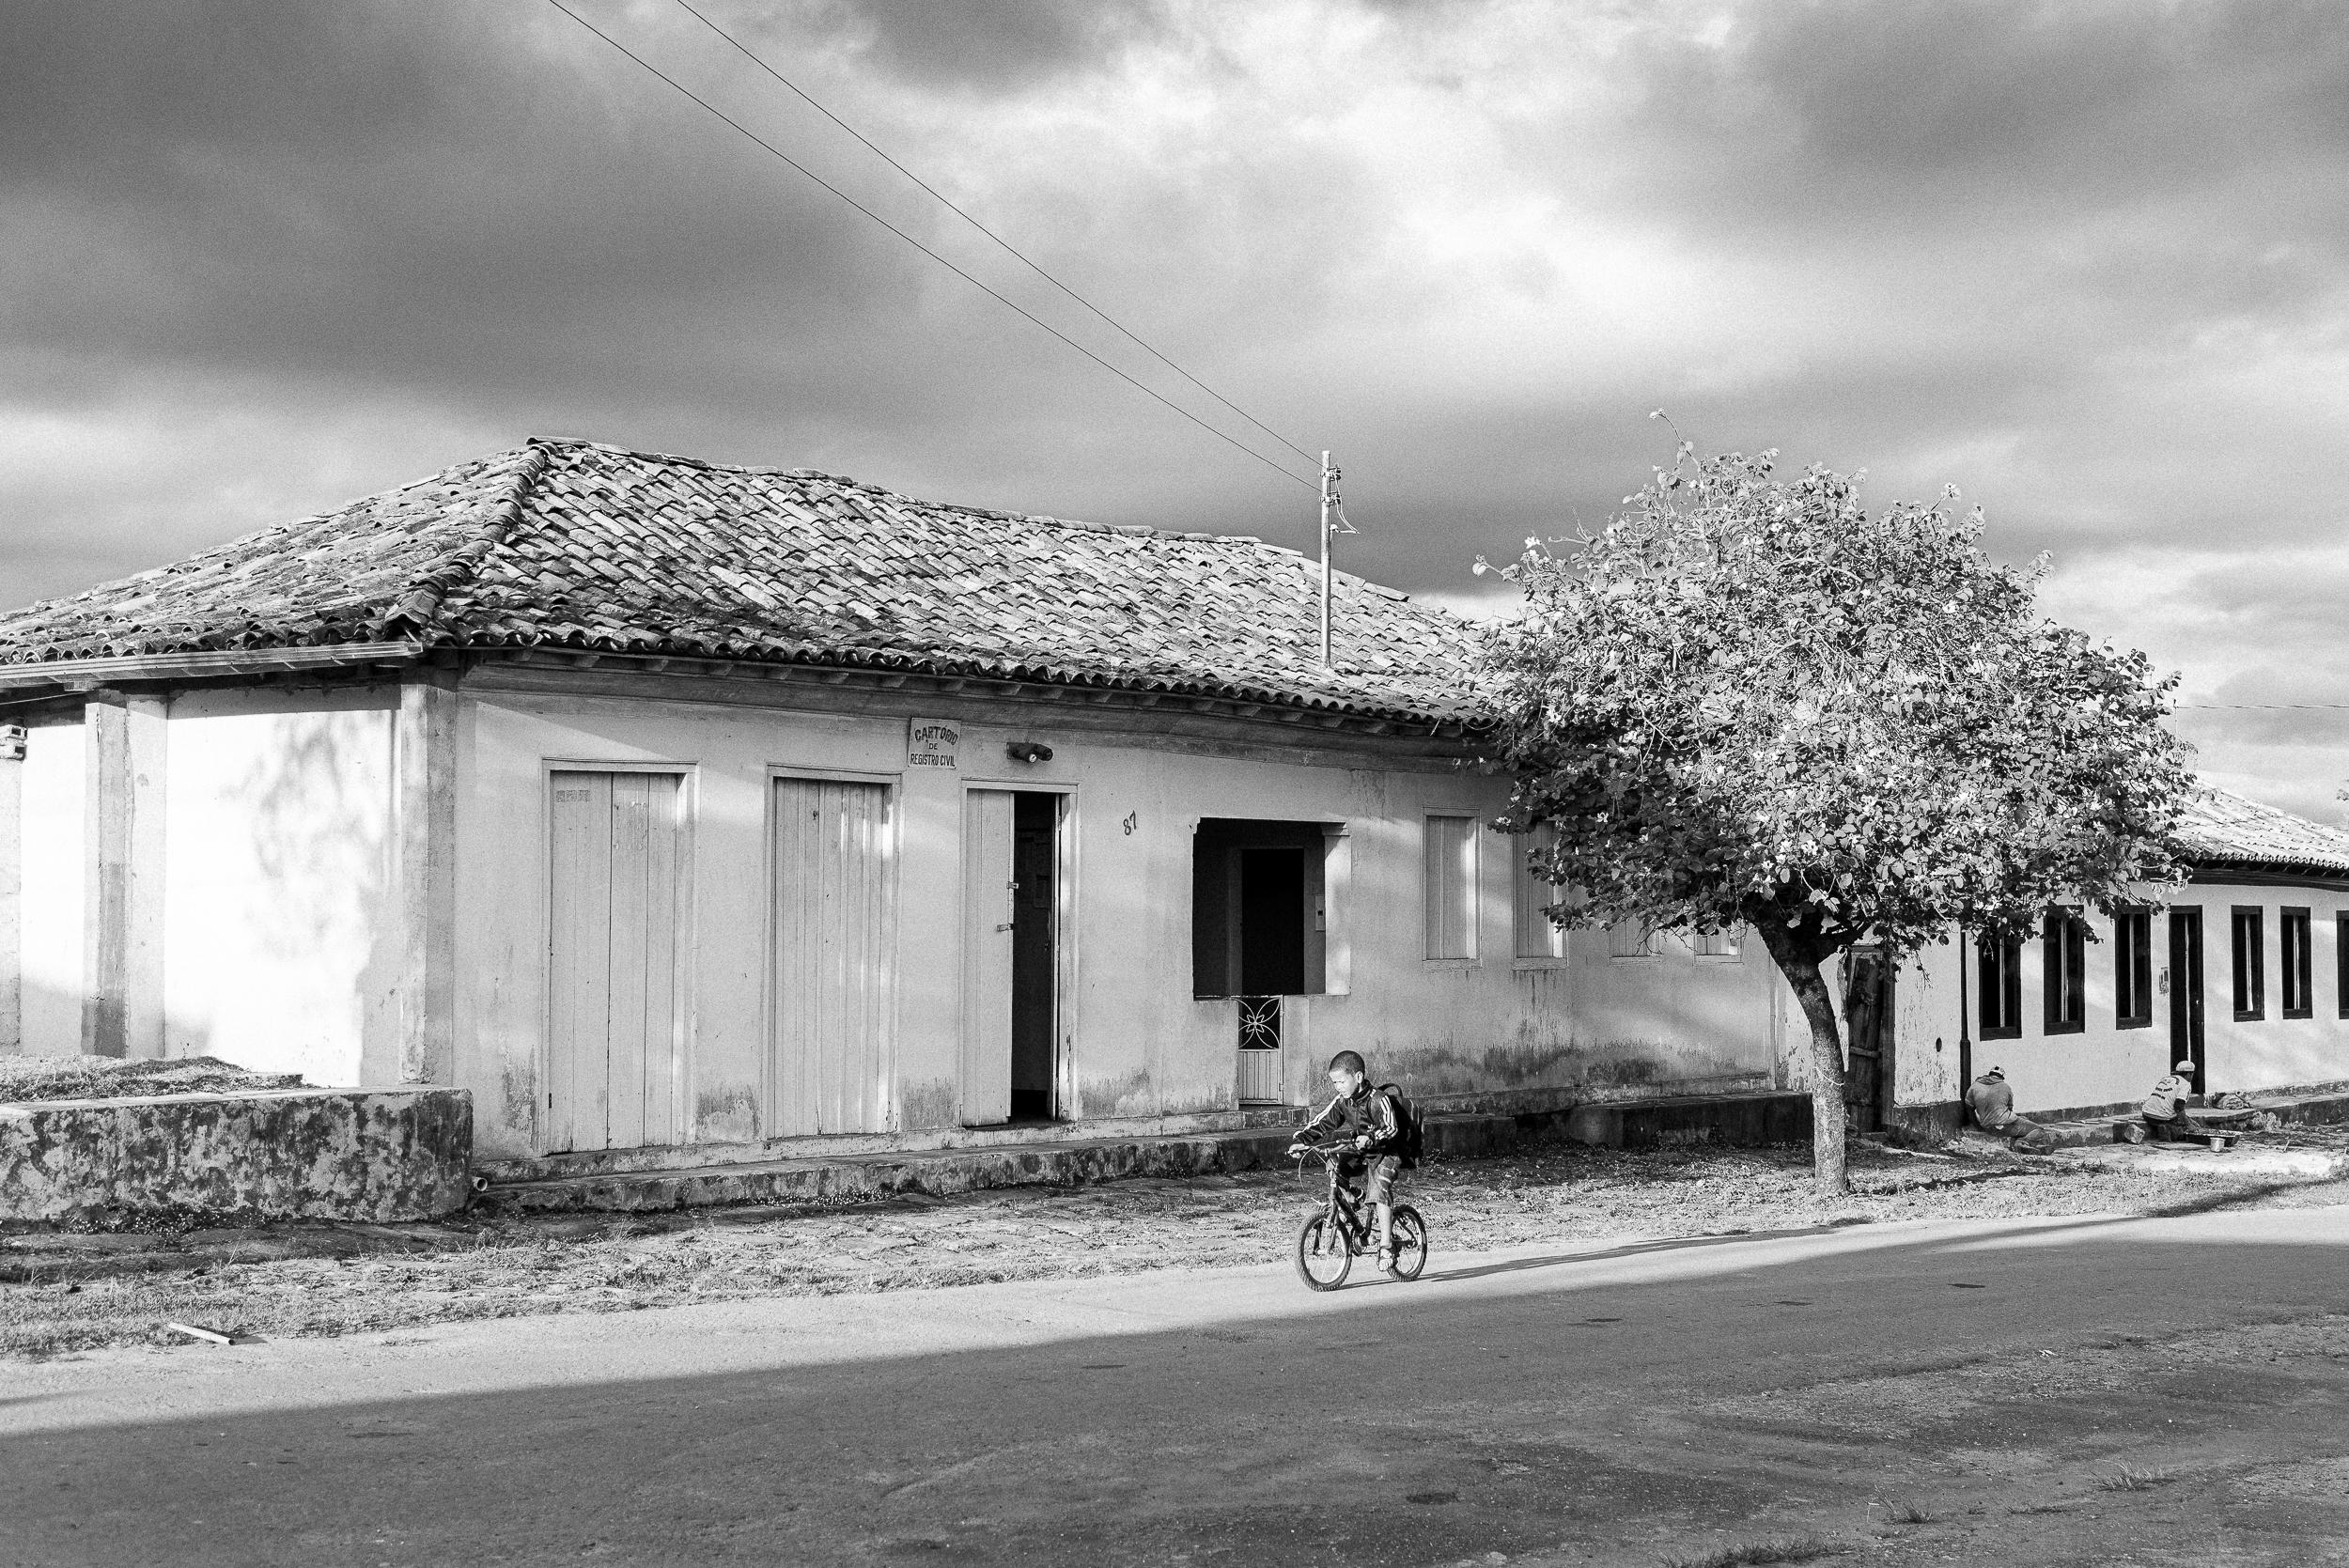 Criança quilombola pedalando